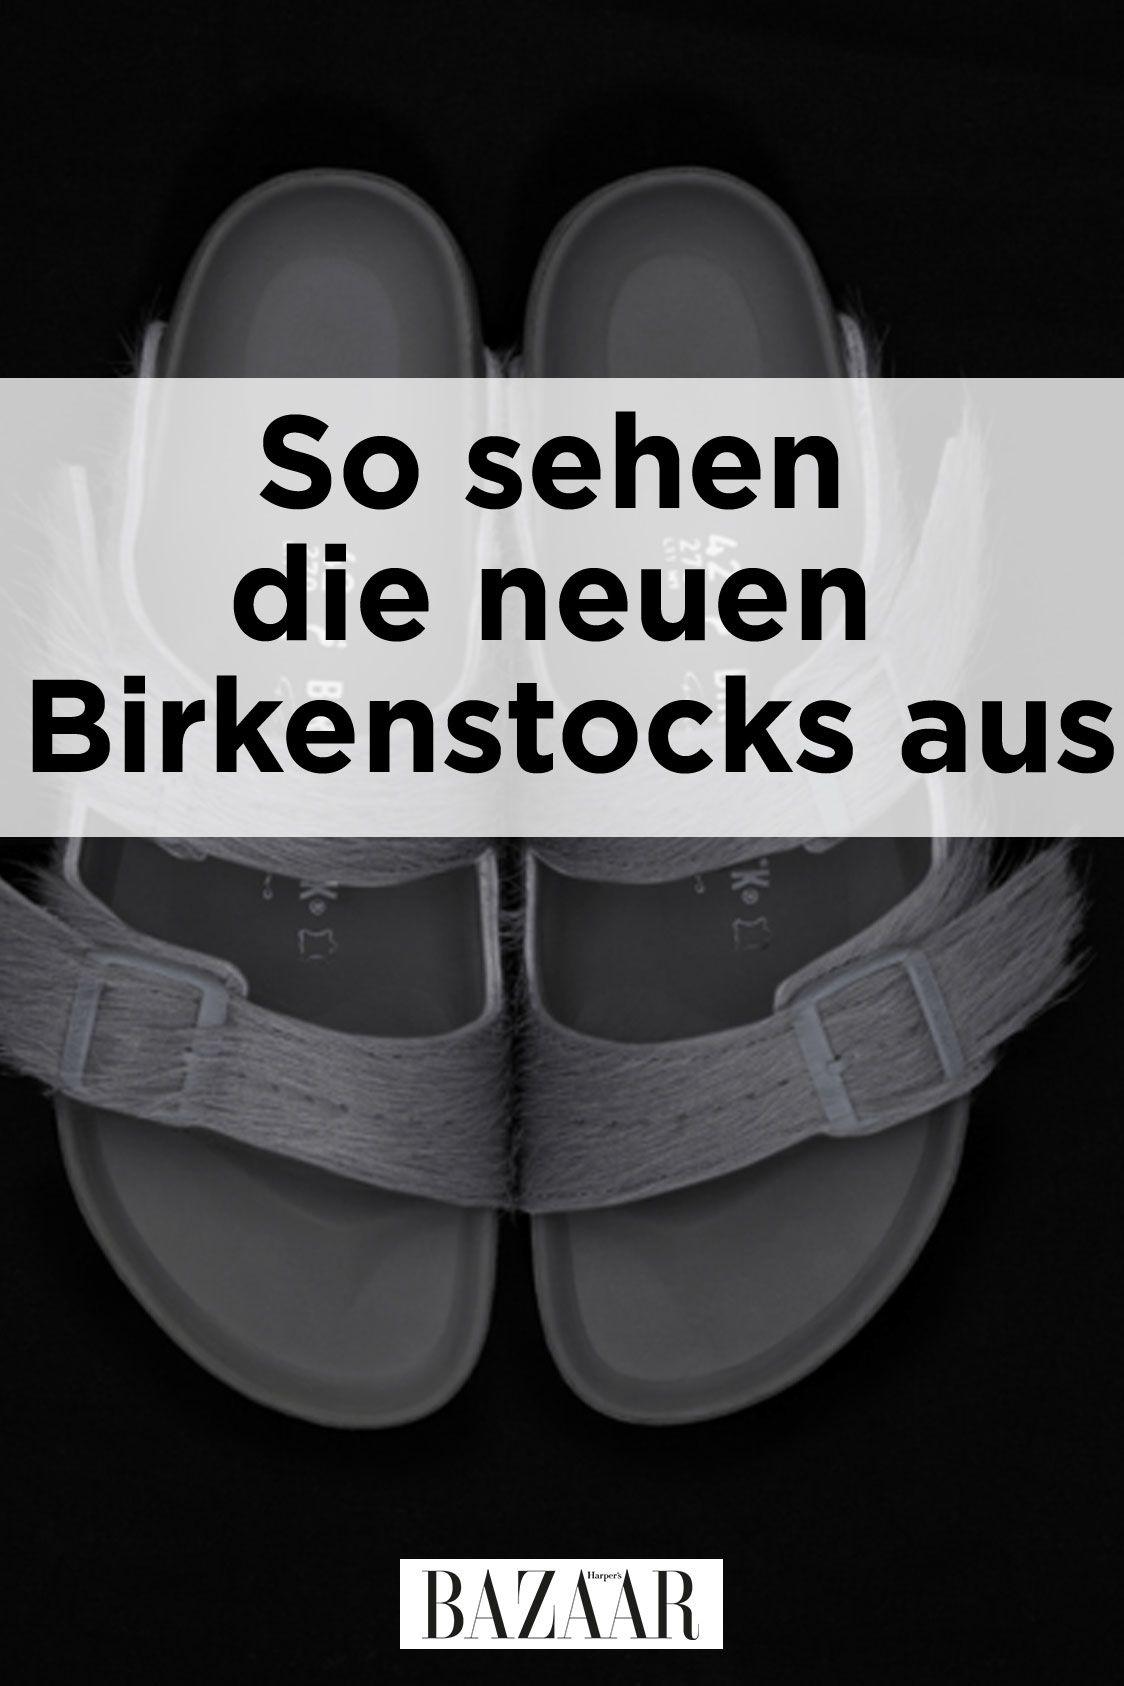 Rick Owens hat eine limitierte Sandalen-Kollektion für Birkenstock  entworfen. So sehen die Sommerschuhe 8c8d1d1f3ed